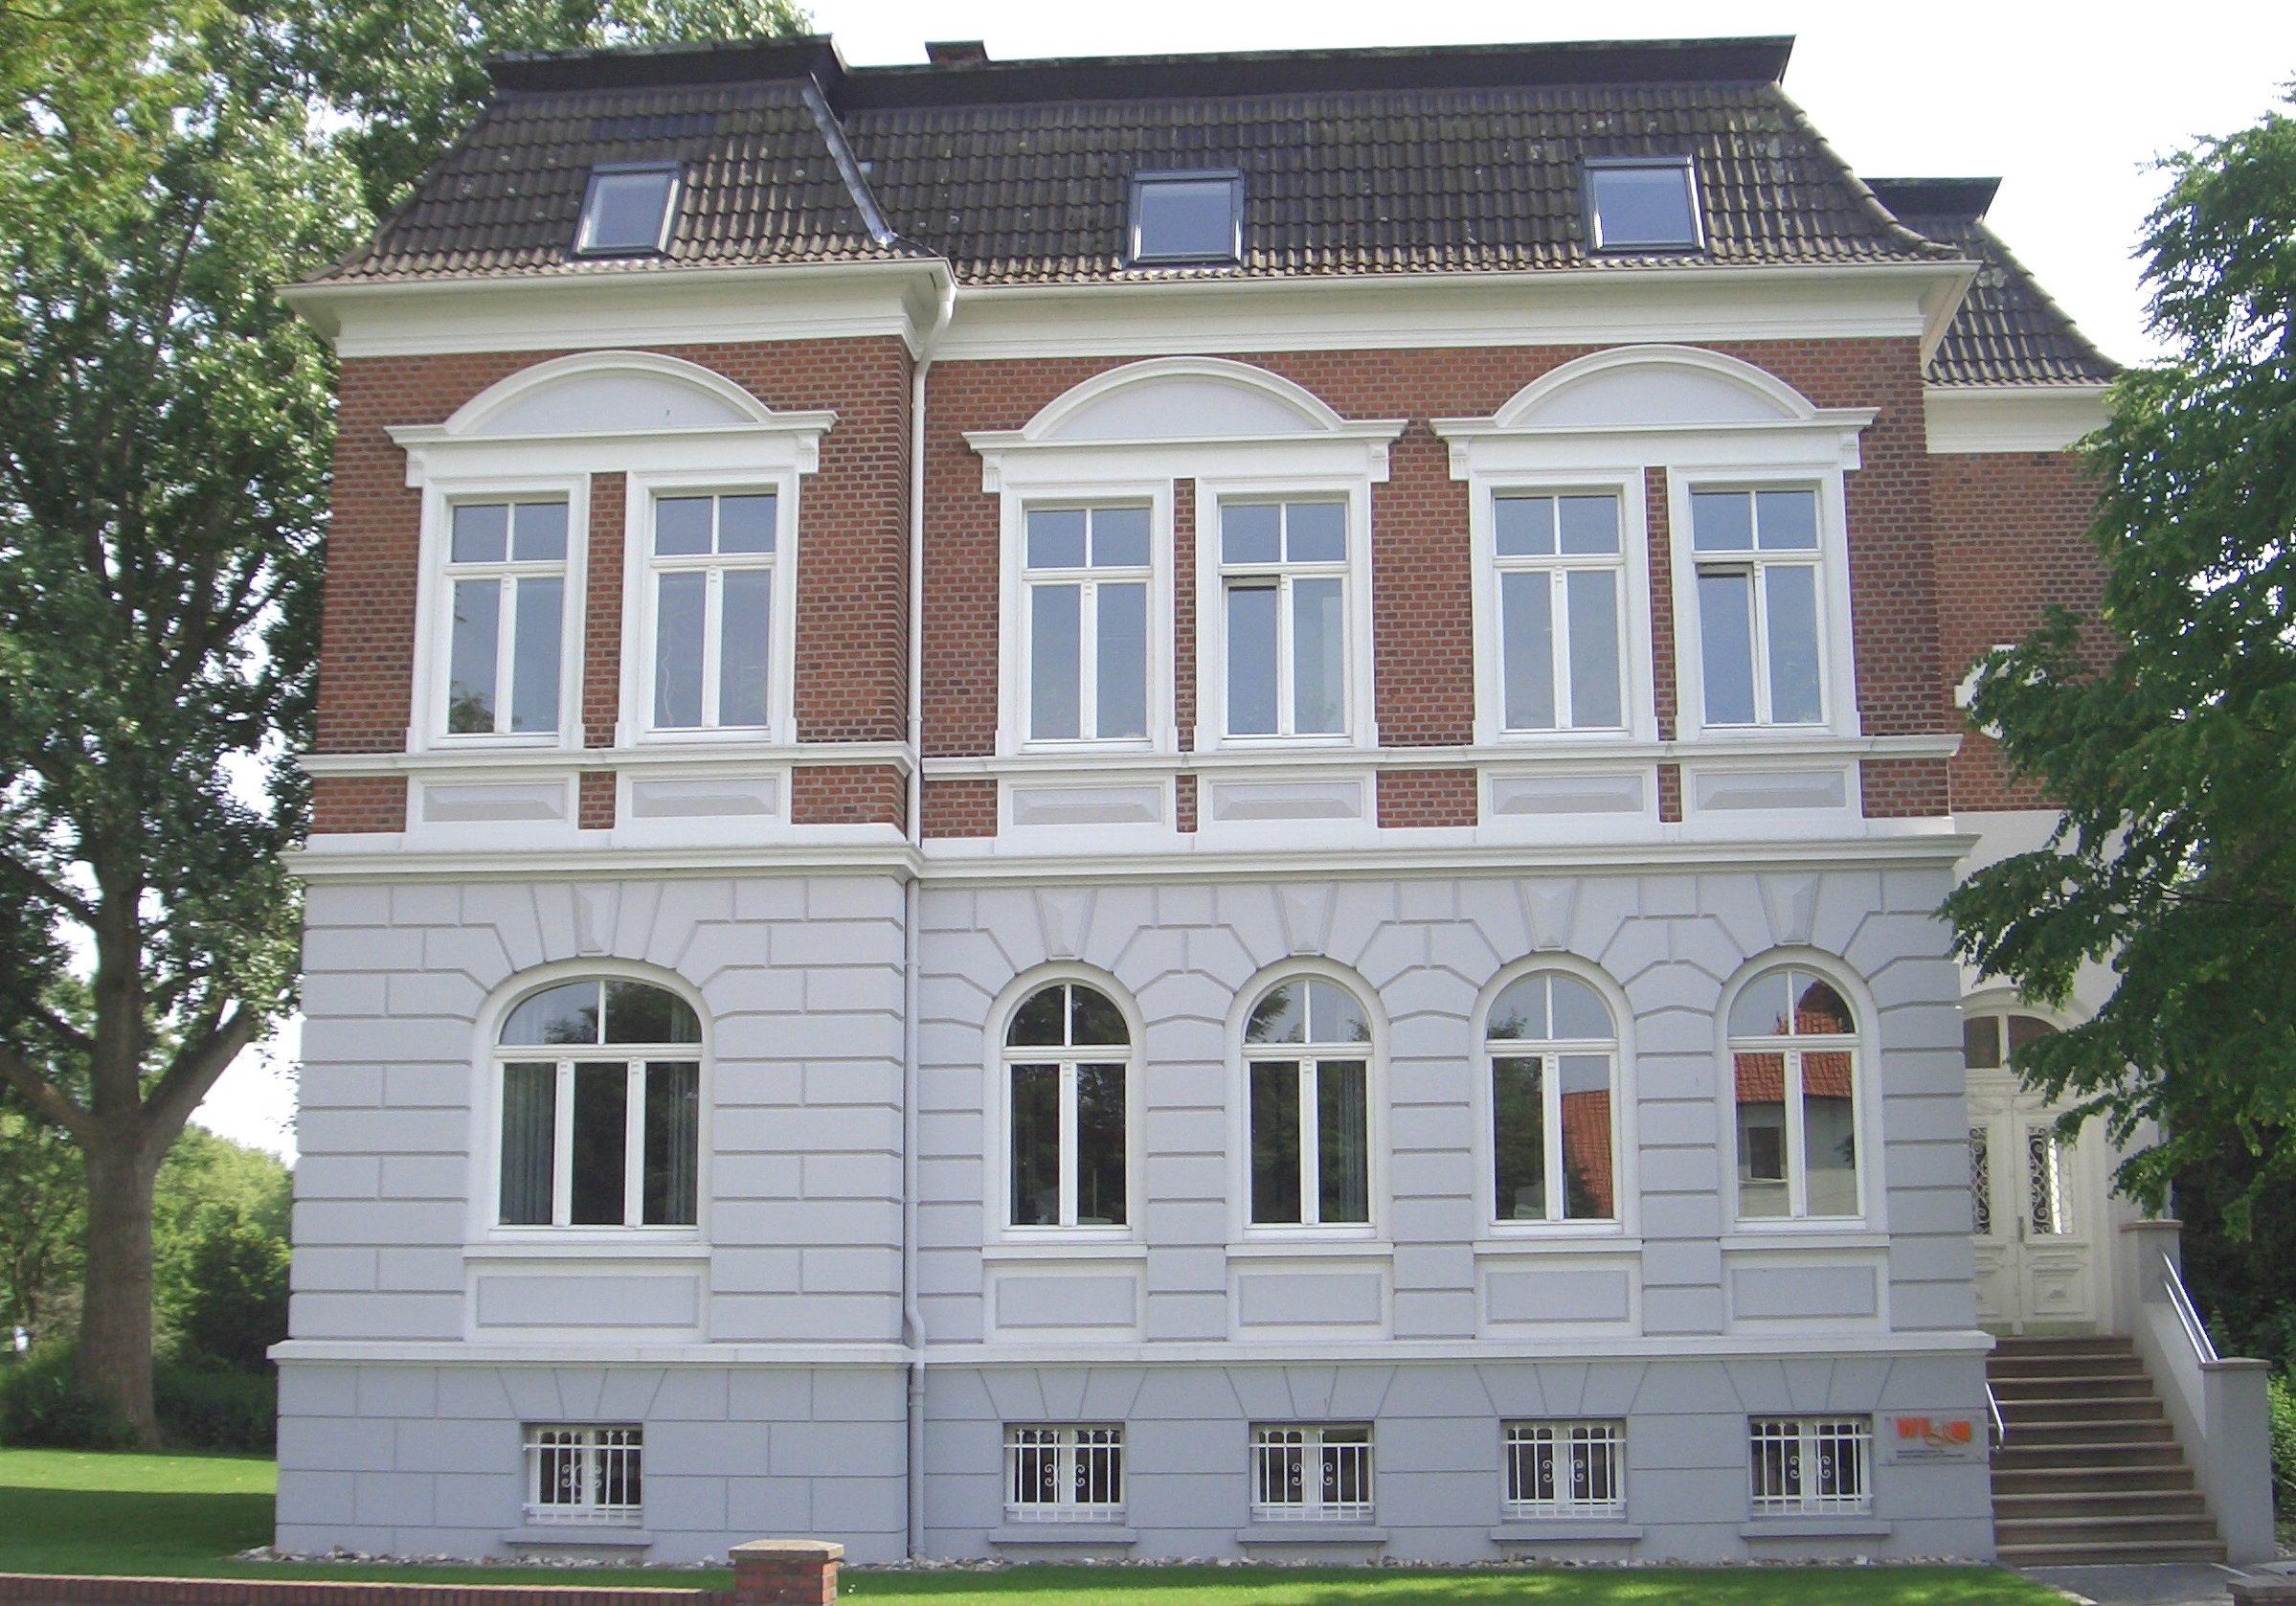 Bild Villa Front Quer